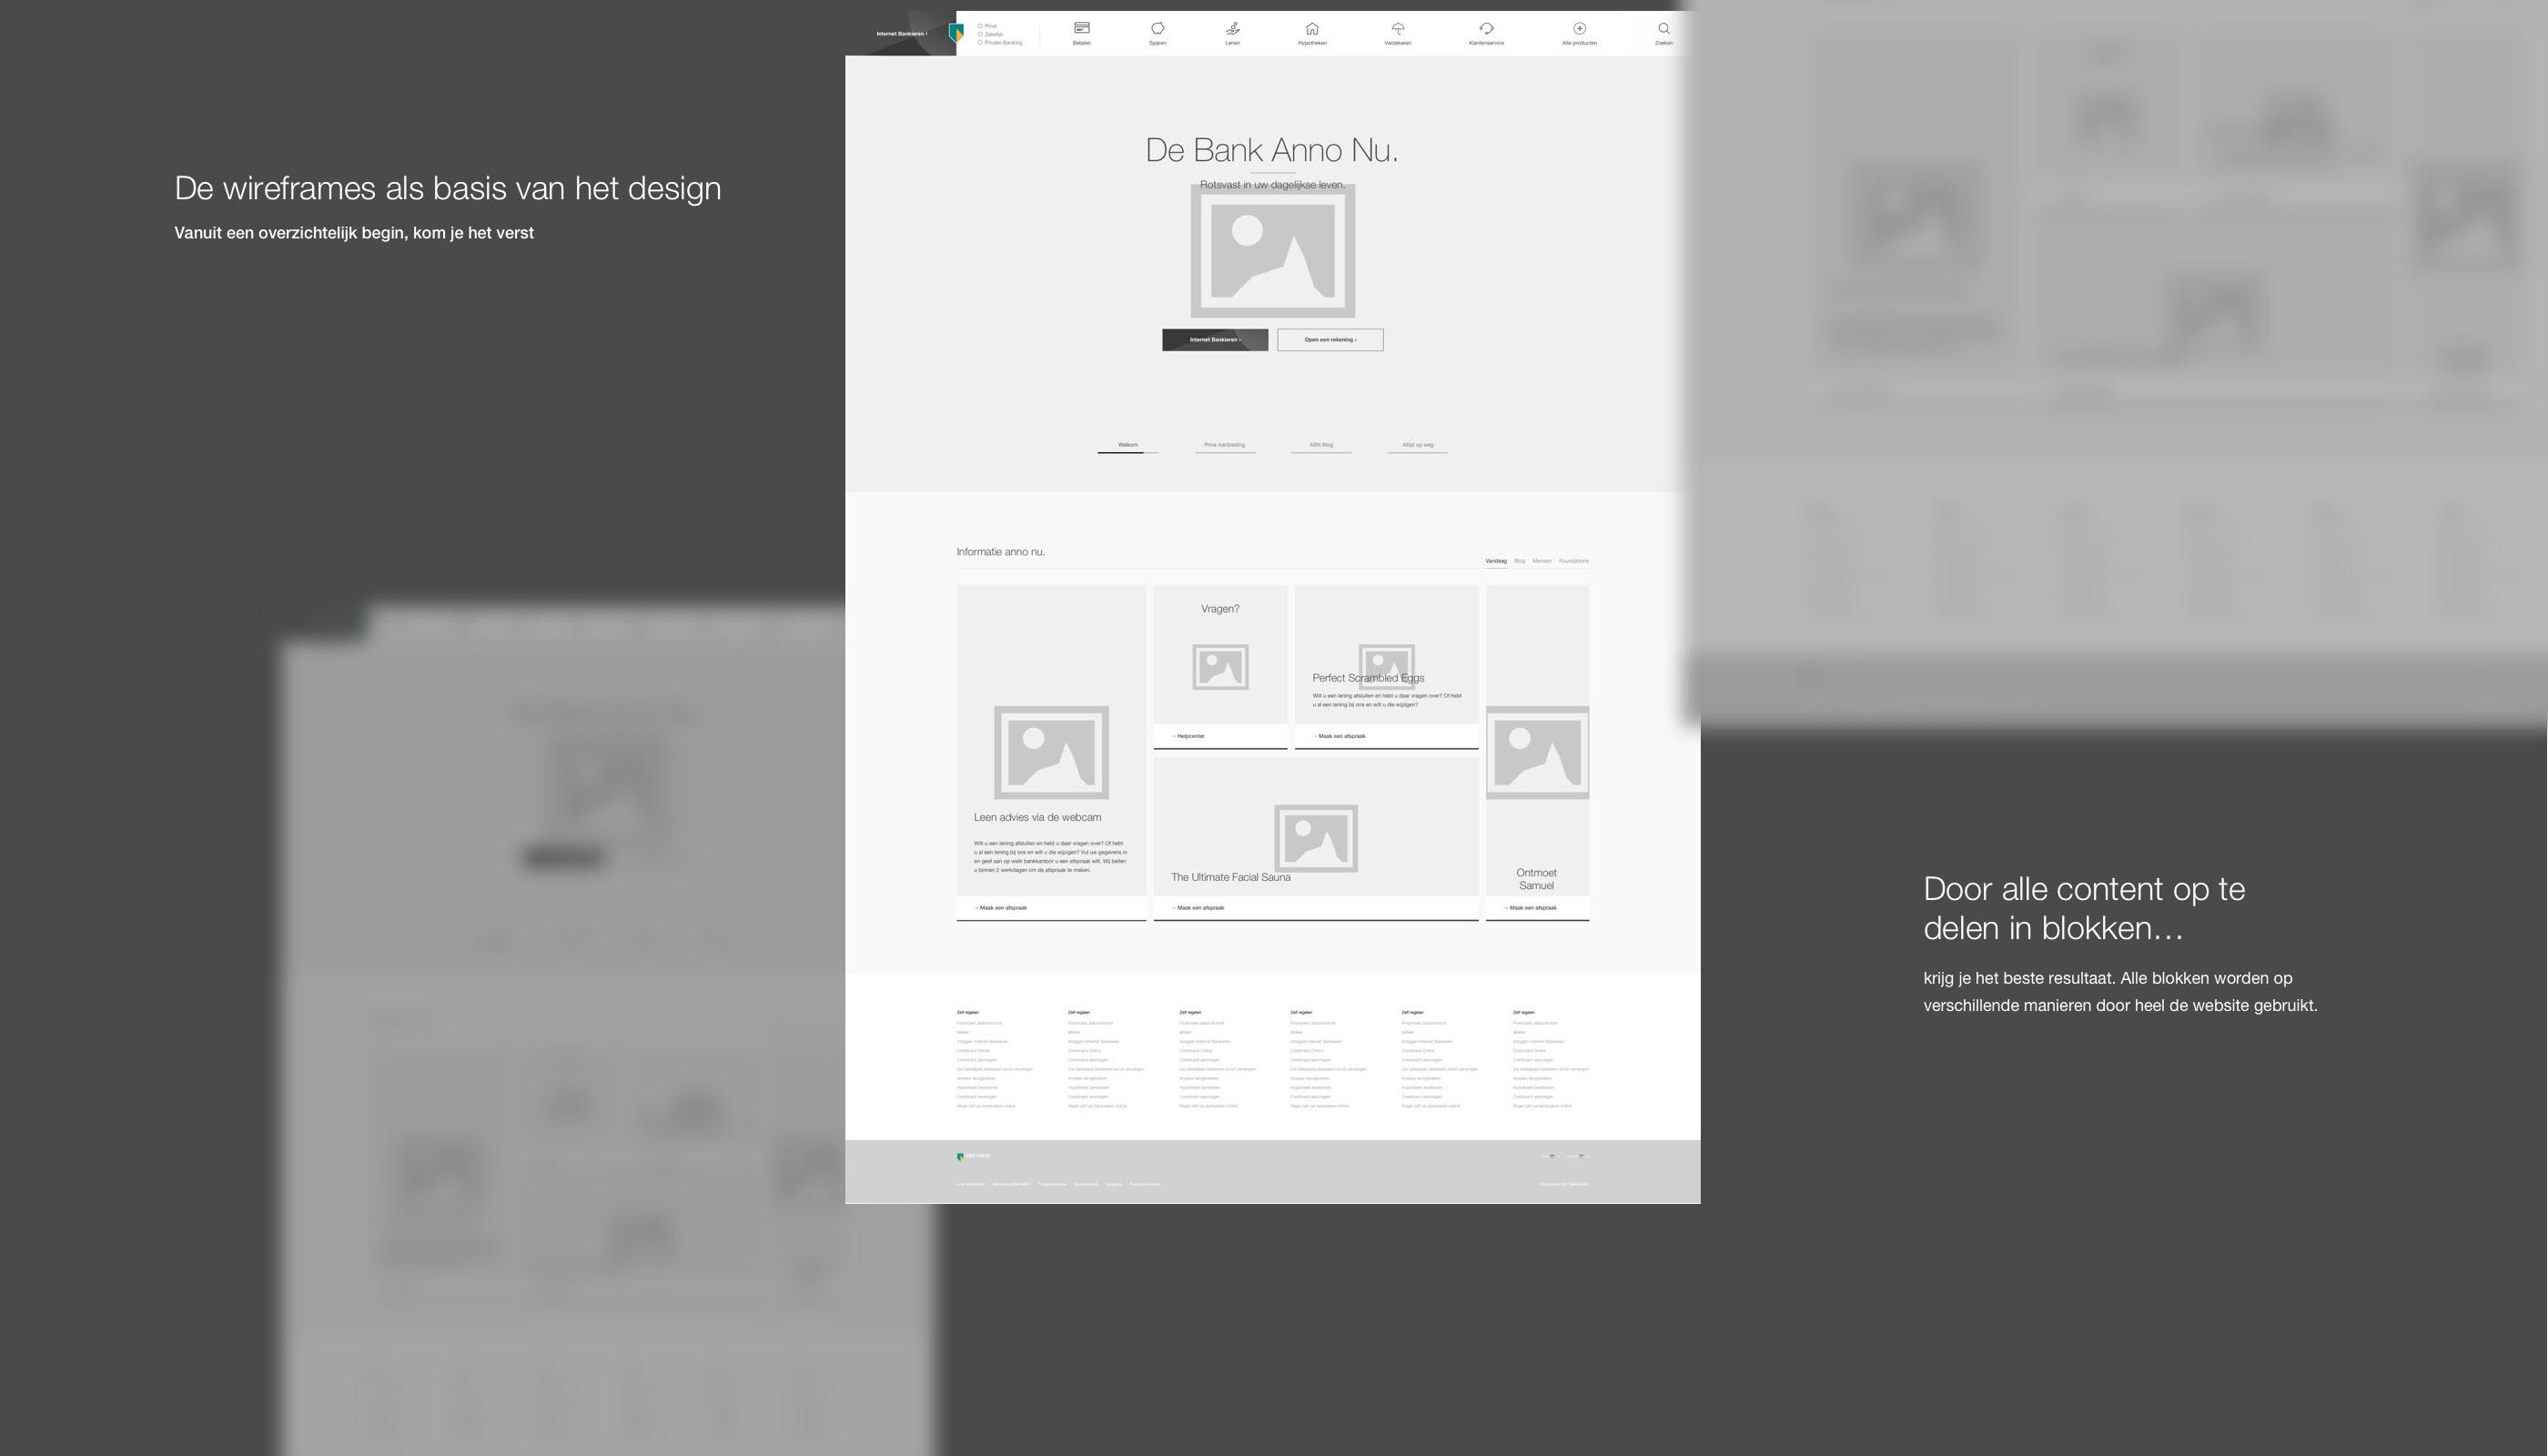 Design Bank Gebruikt.Abn Amro Website Redesign On Behance